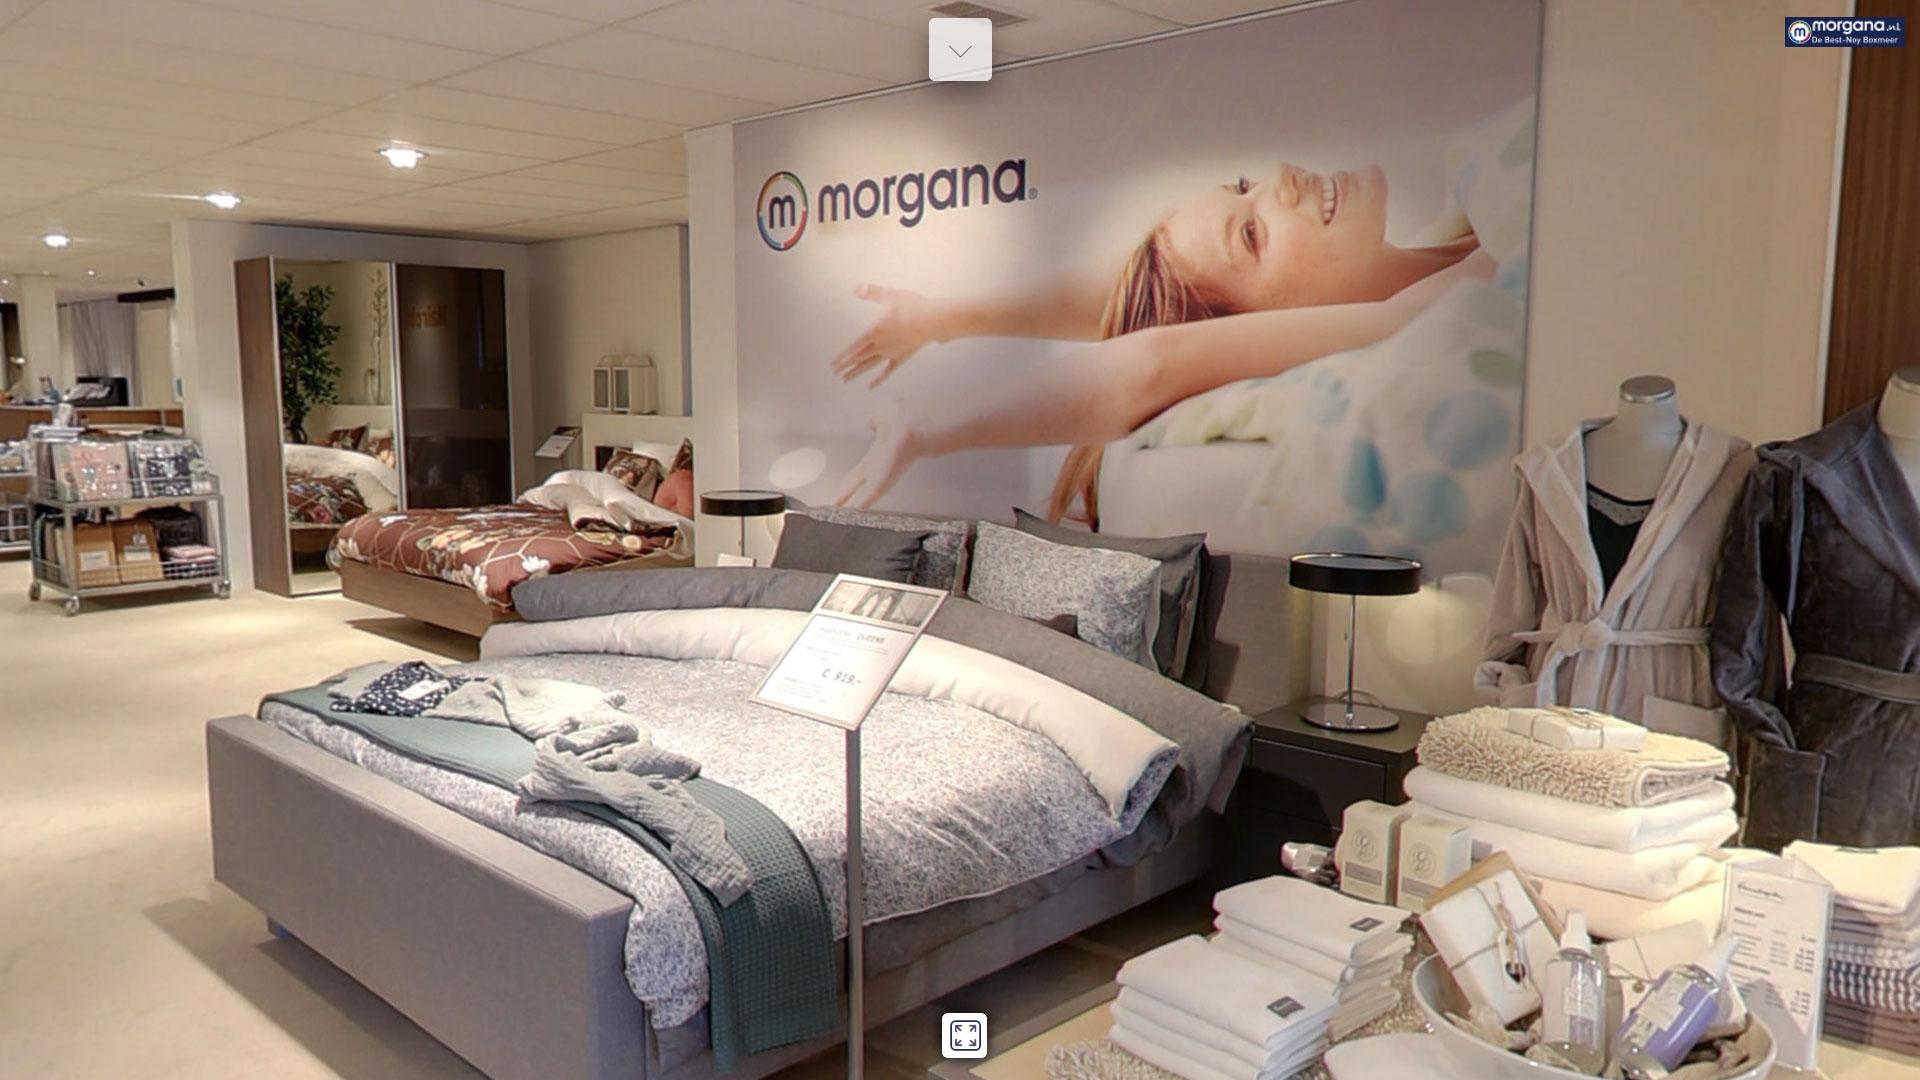 Morgana Boxmeer Google tour